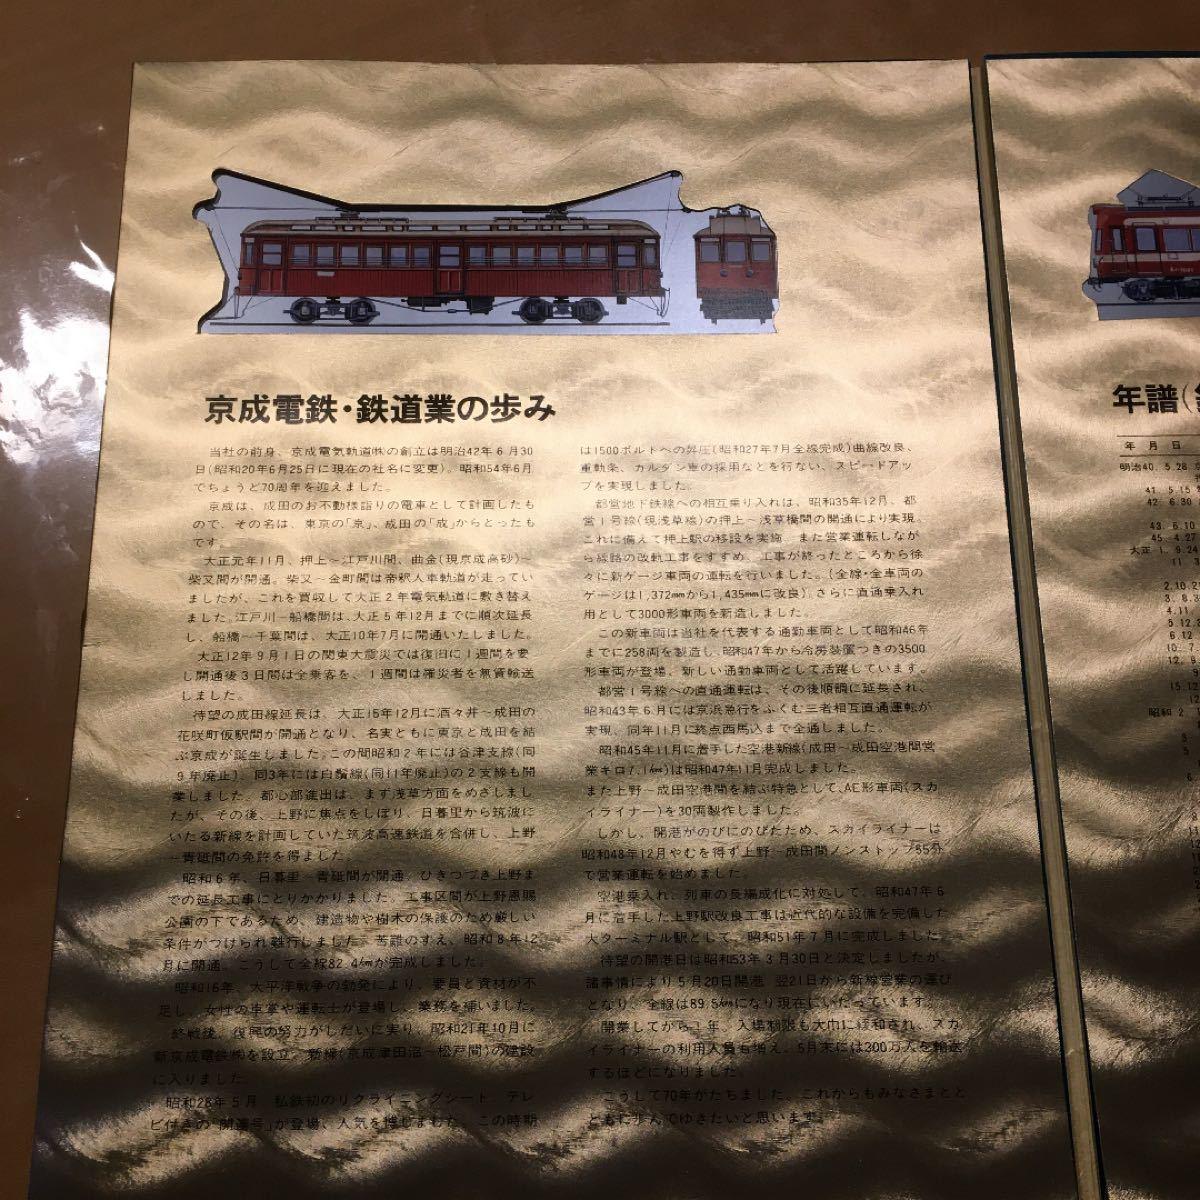 記念切符 京成電鉄創立70周年記念乗車券、特別黄金ファイル